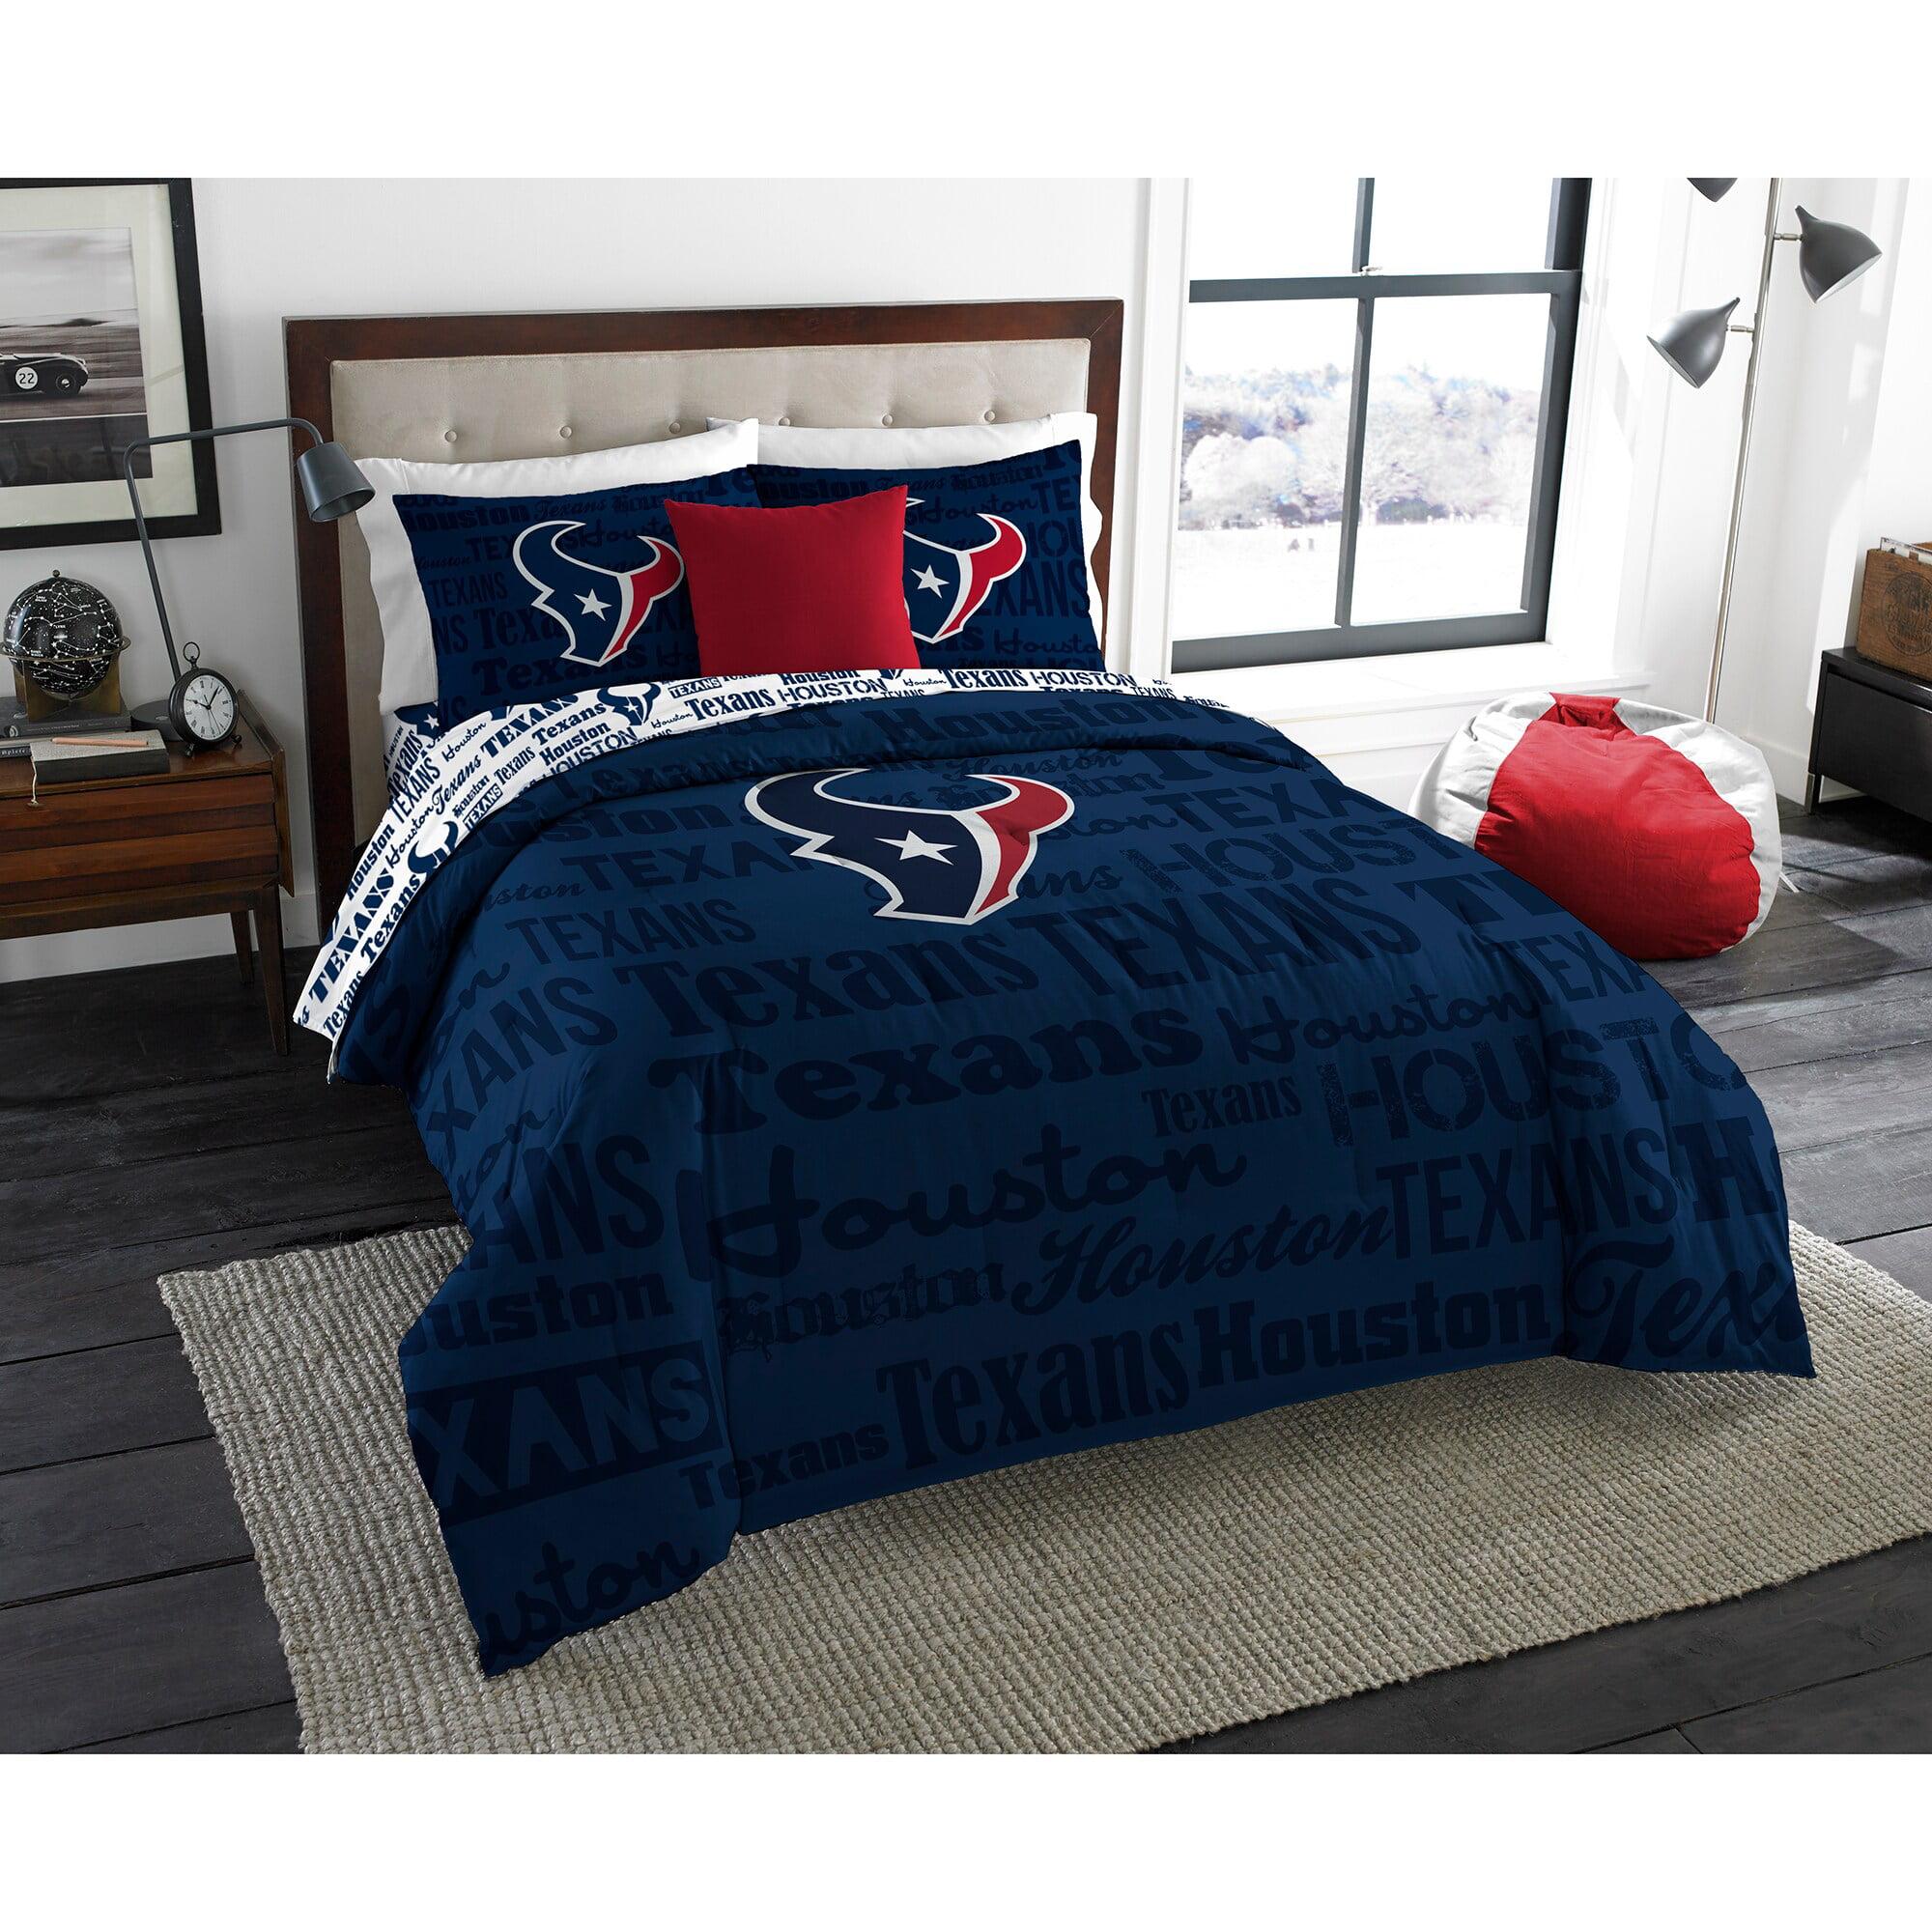 Nfl Houston Texans Bed In A Bag Complete Bedding Set Walmart Com Walmart Com